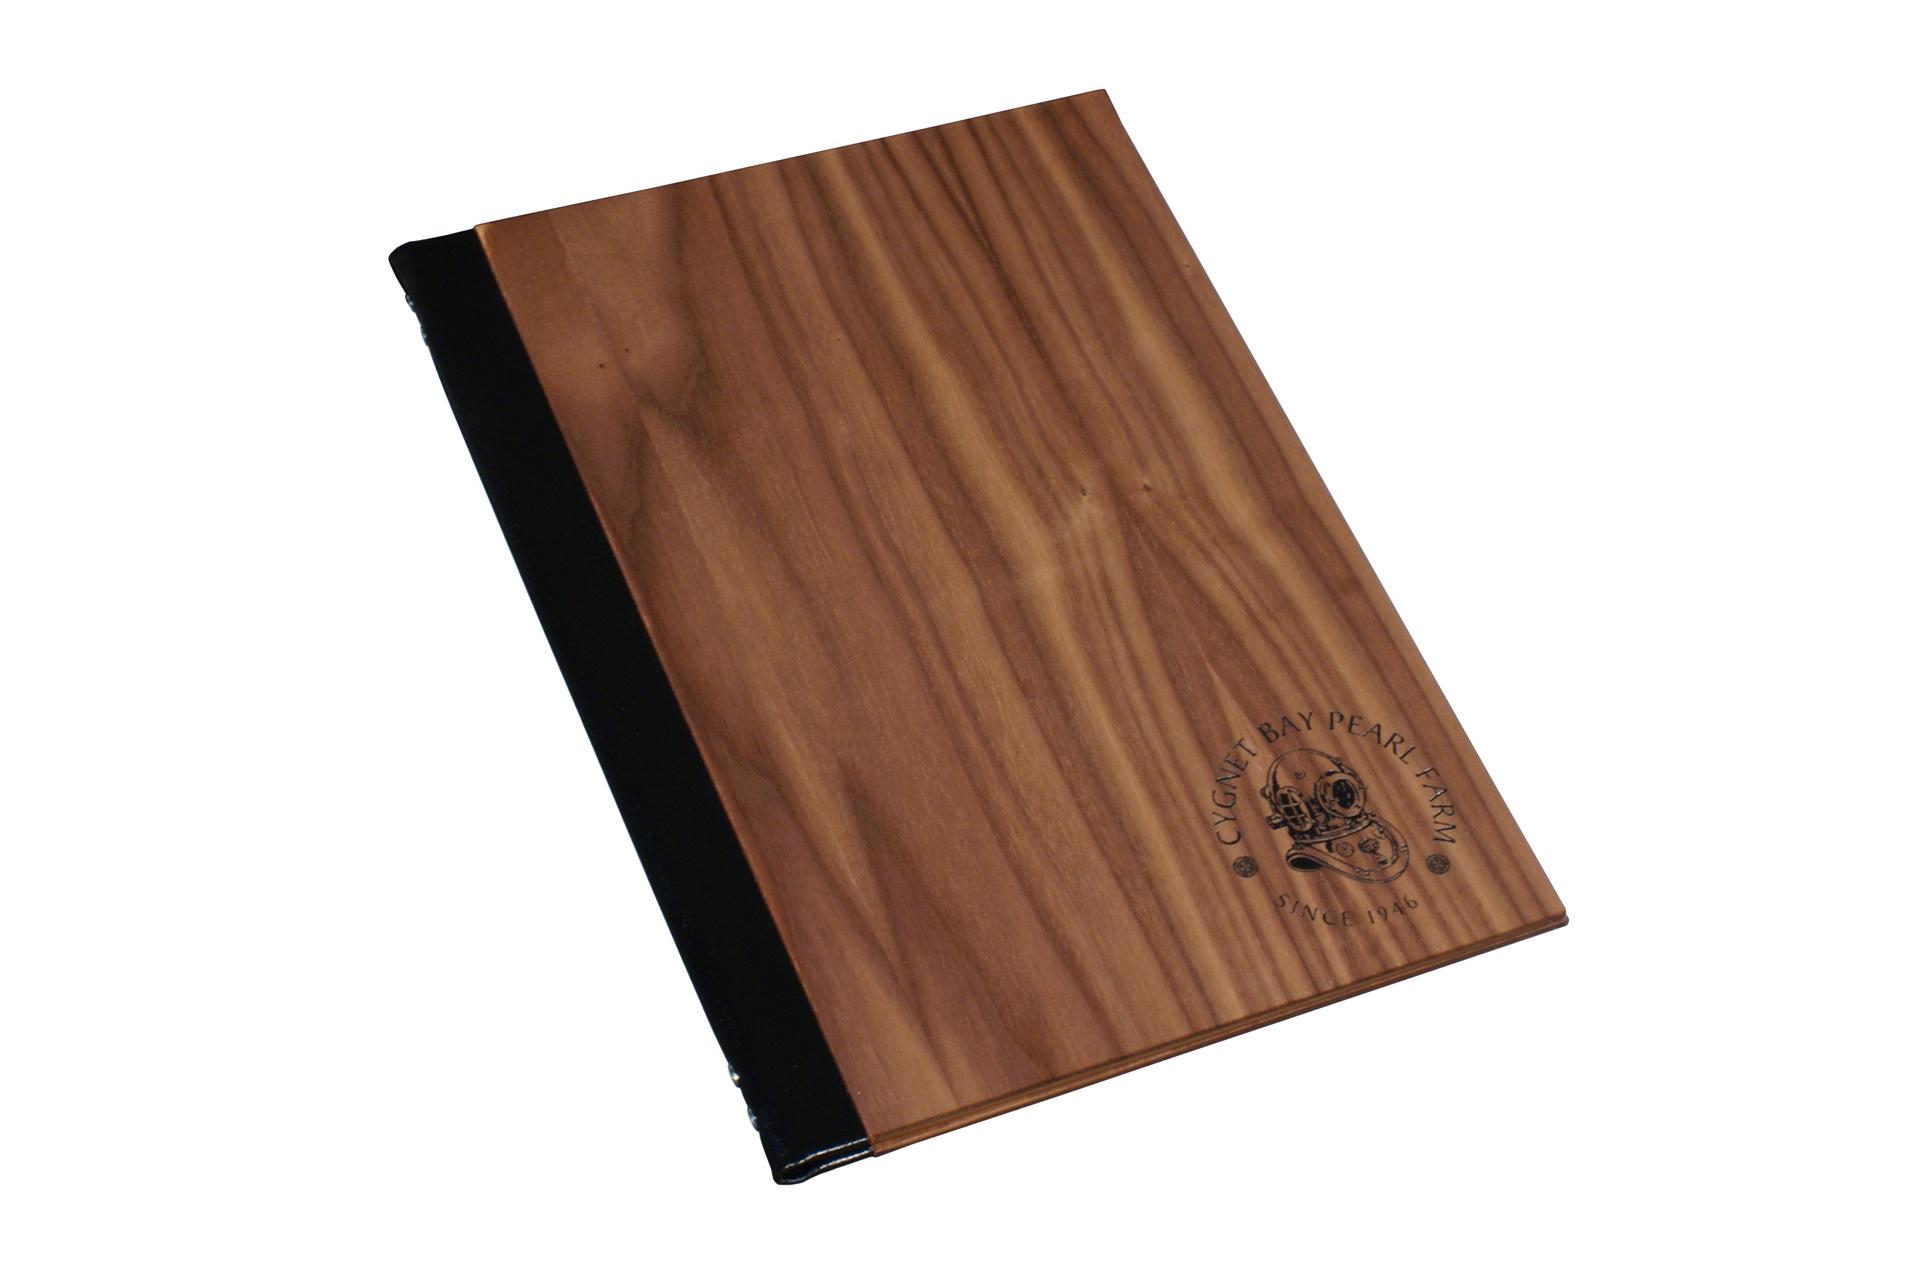 leather spine wood folder for restaurant menus guest information folders wine lists